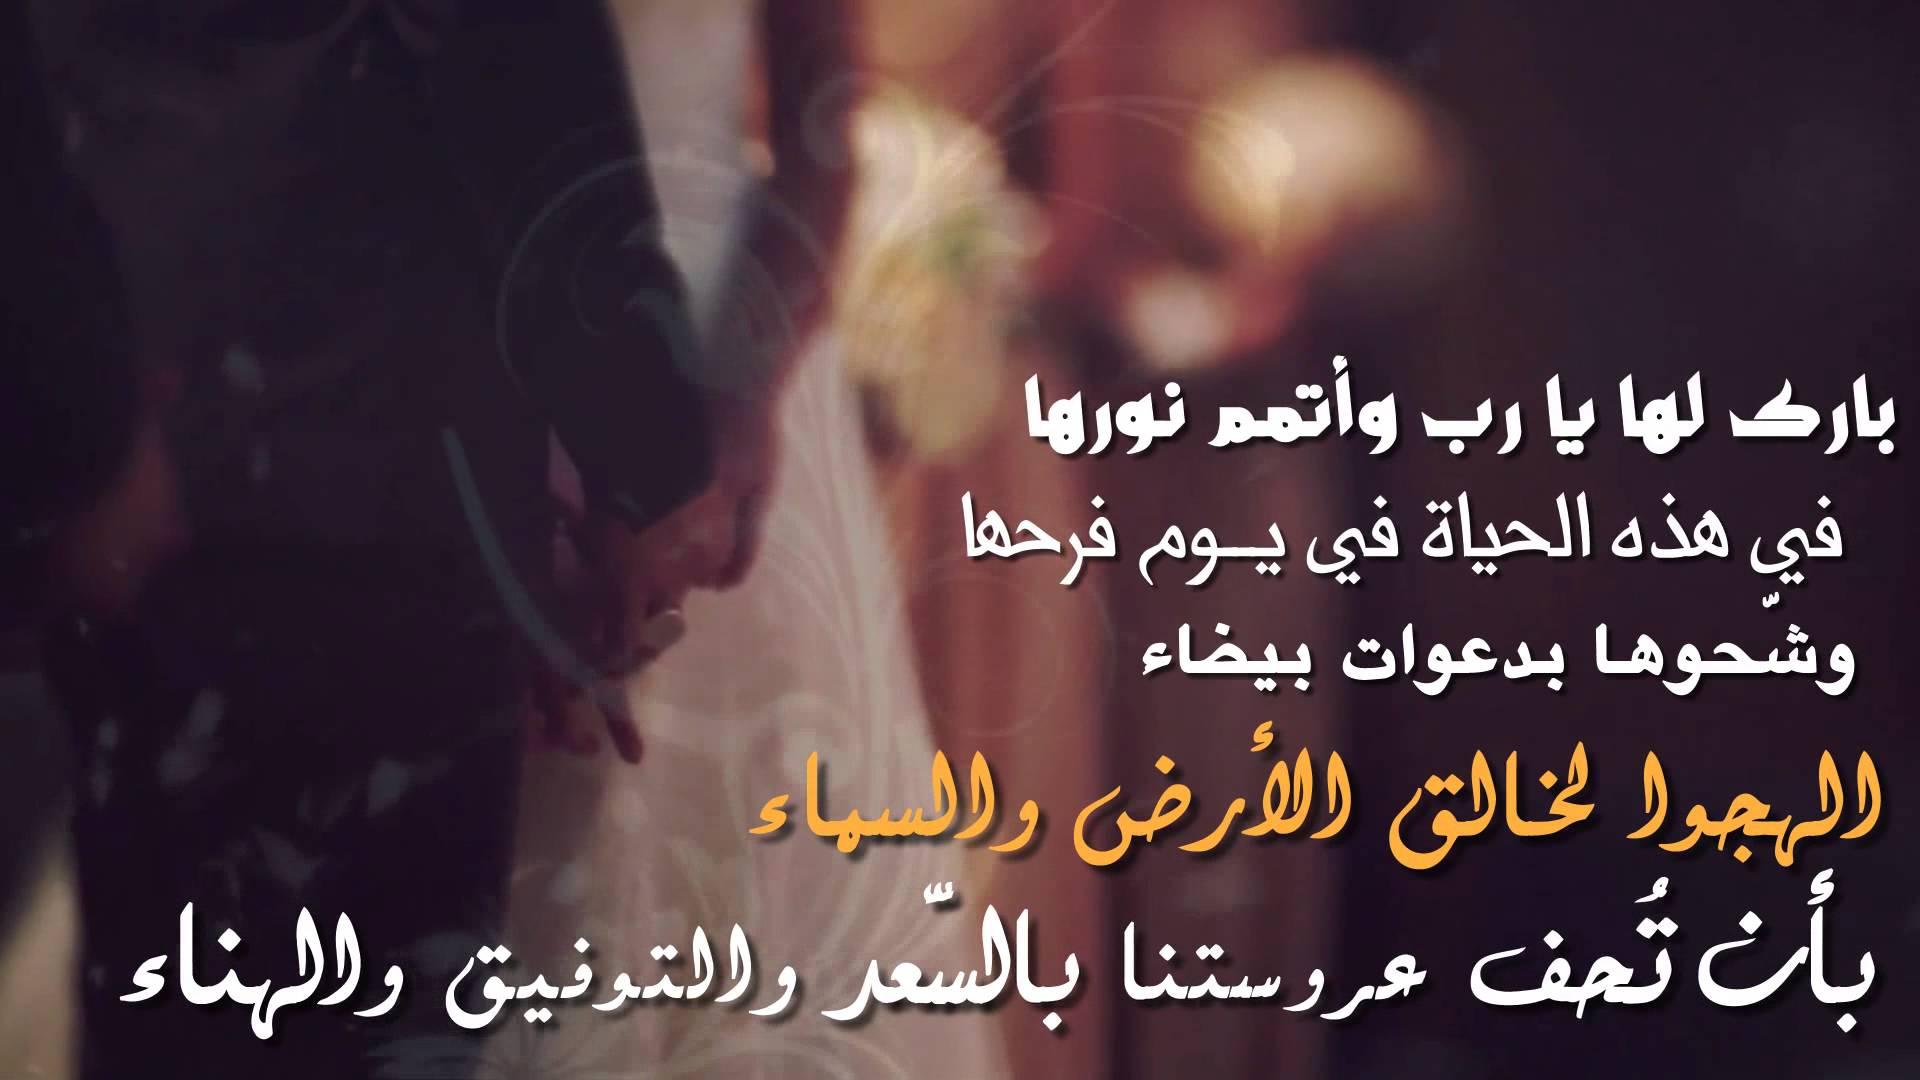 صور كلمات للعروس من صديقتها , اللطف الكلمات للعروس من صديقتها